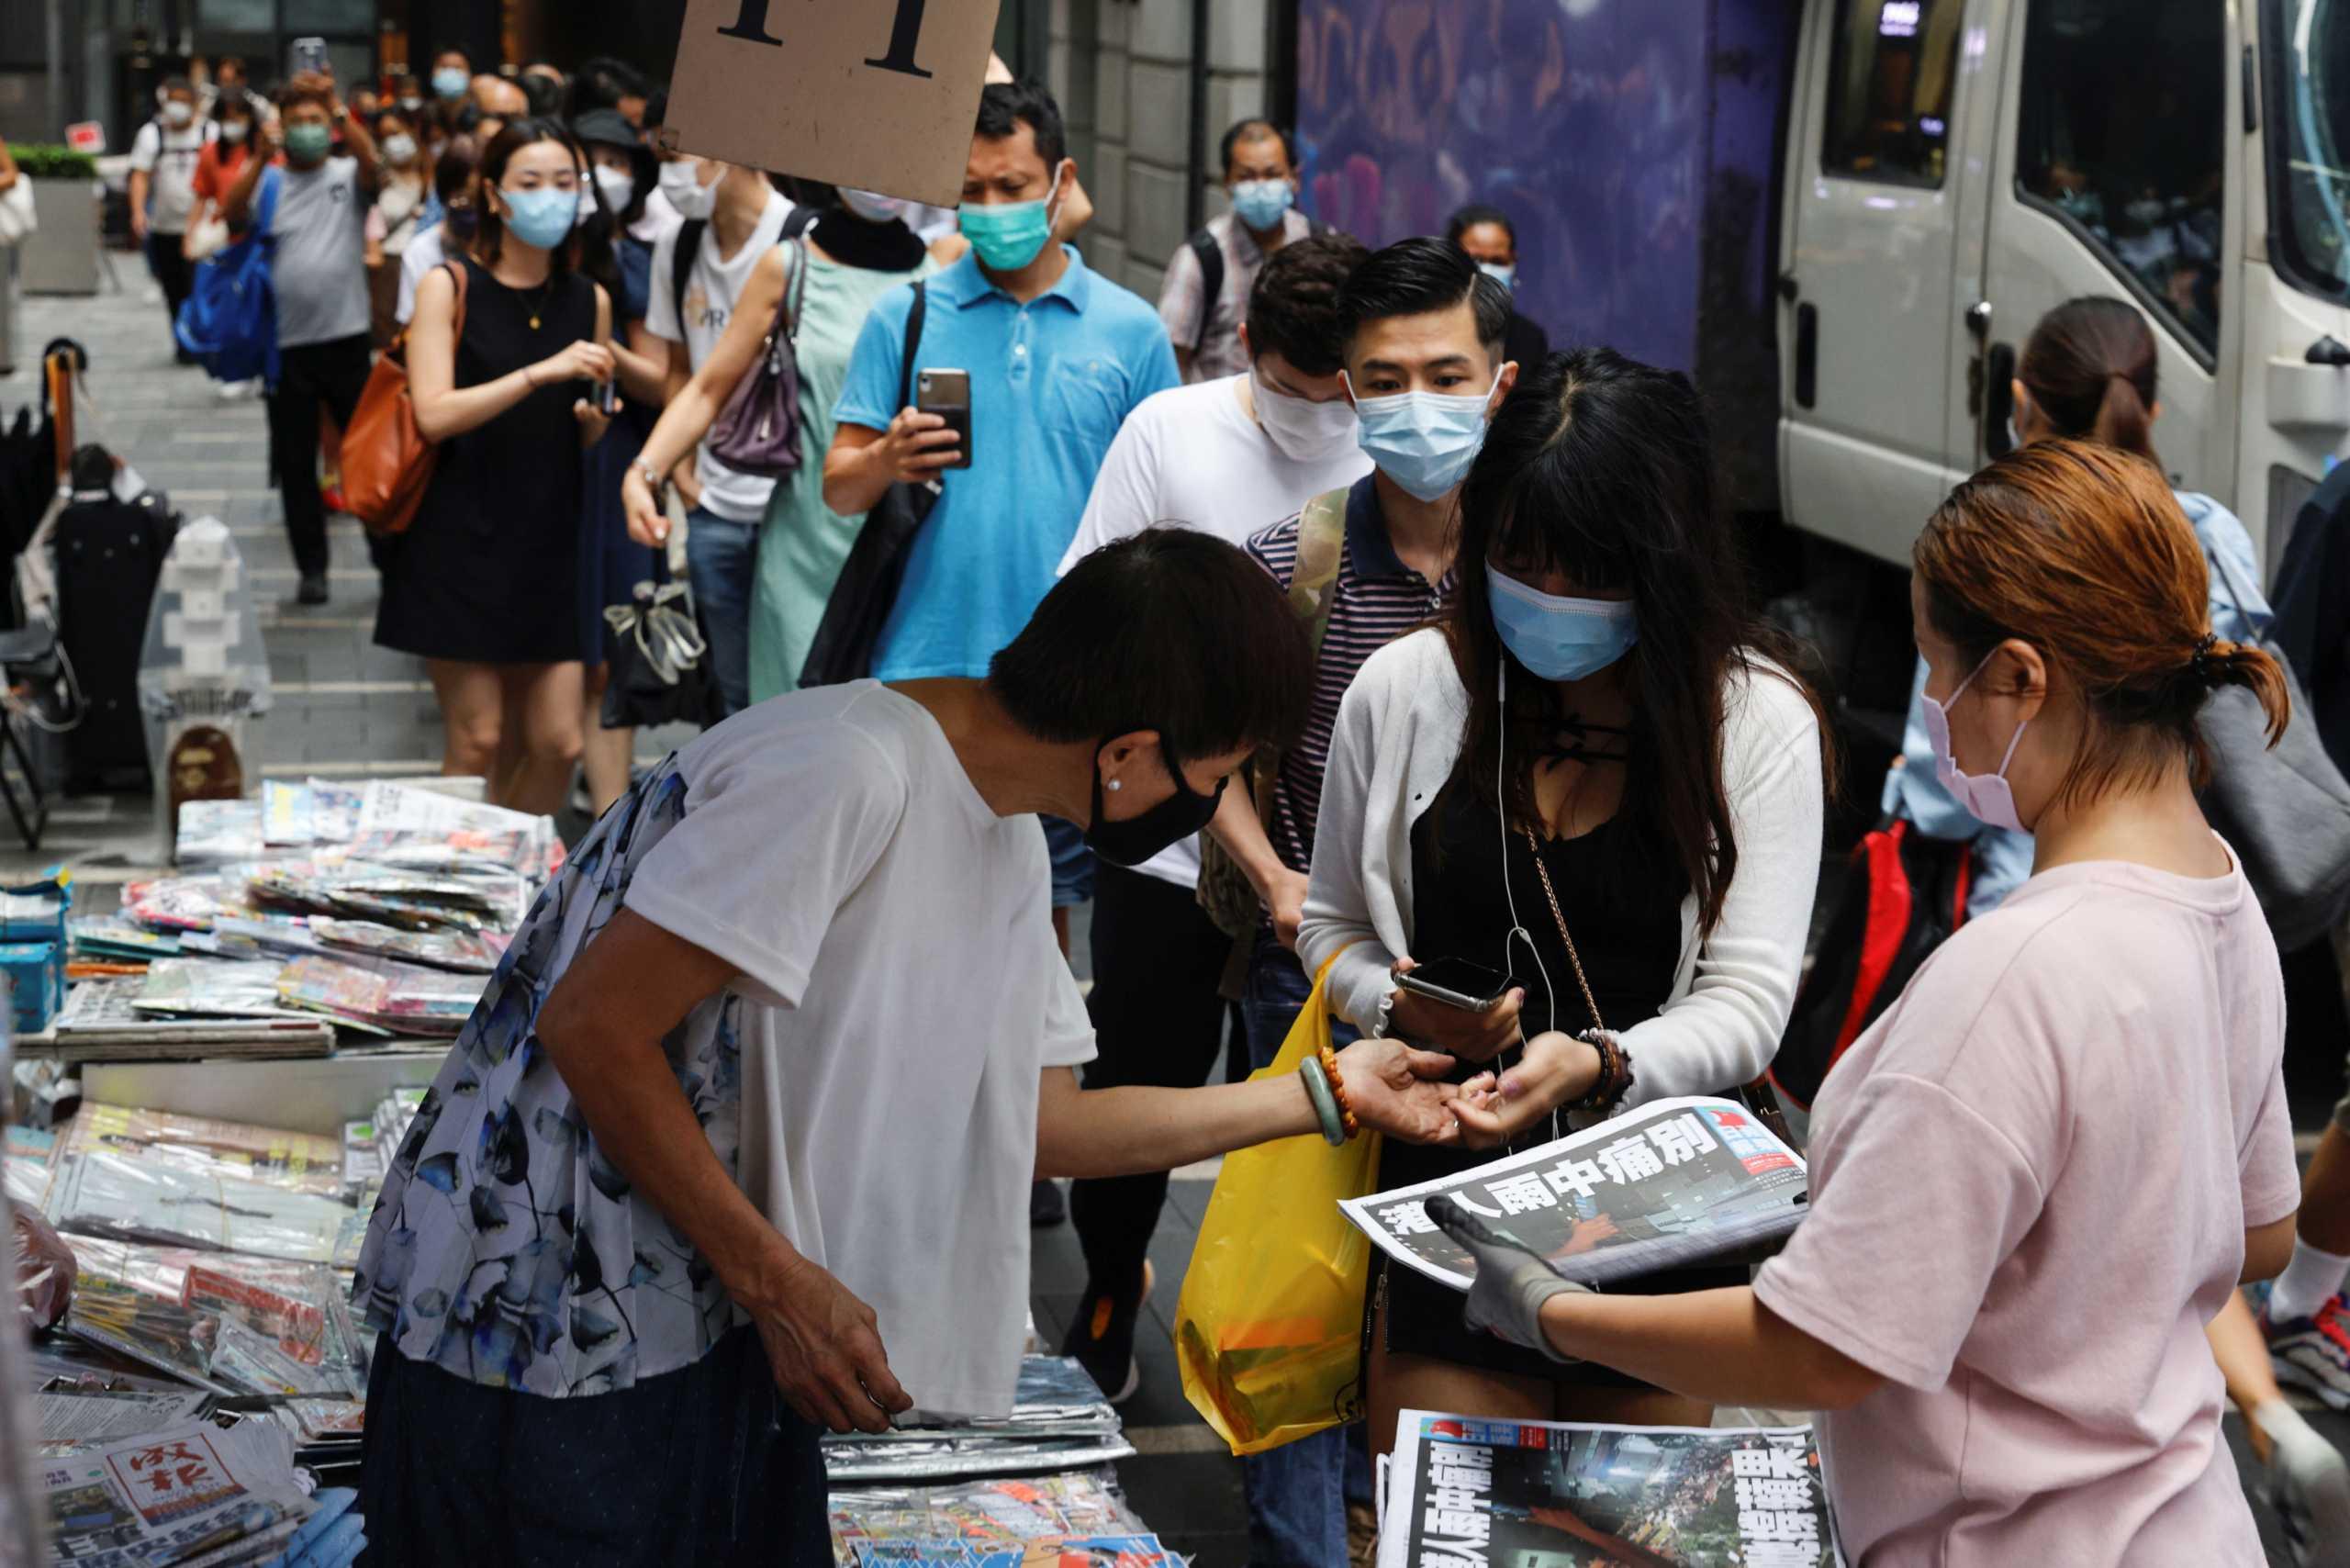 Χονγκ Κονγκ: Ουρές χιλιομέτρων για το τελευταίο φύλλο της εφημερίδα Apple Daily (pics, vids)